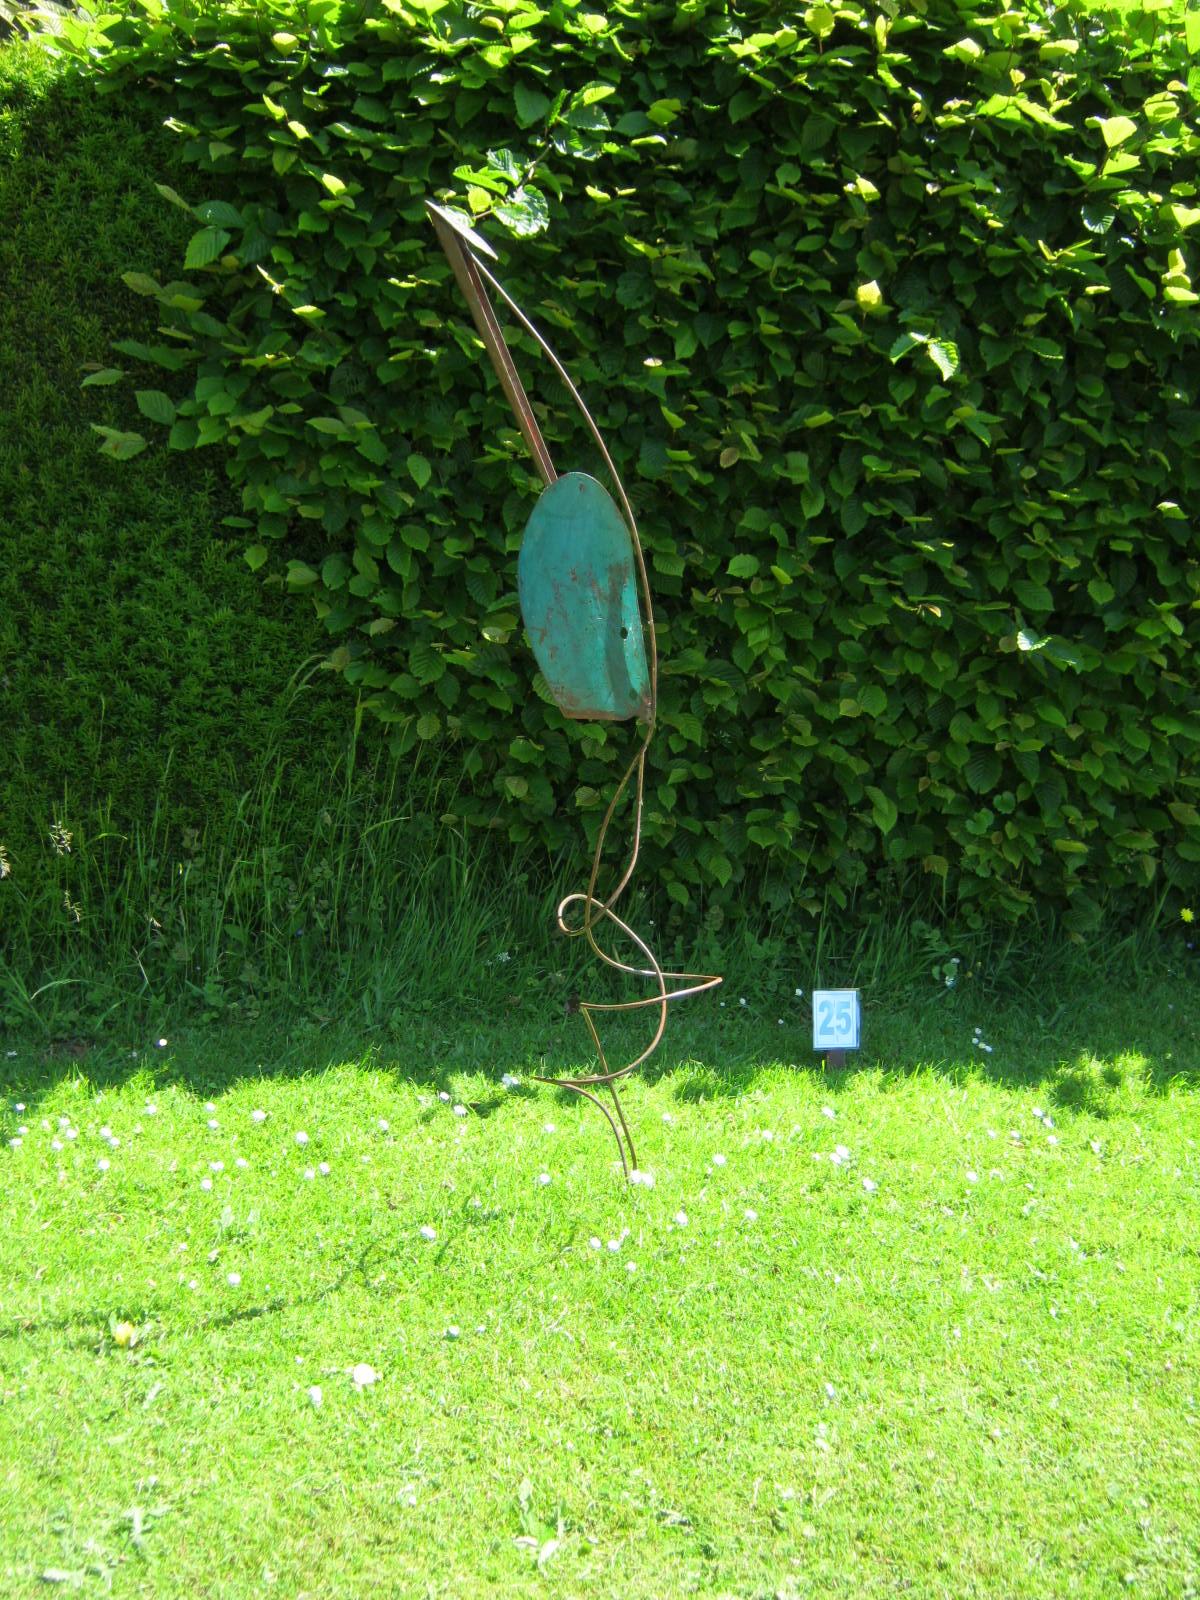 Blickling-hoveton-hall-2012-0111